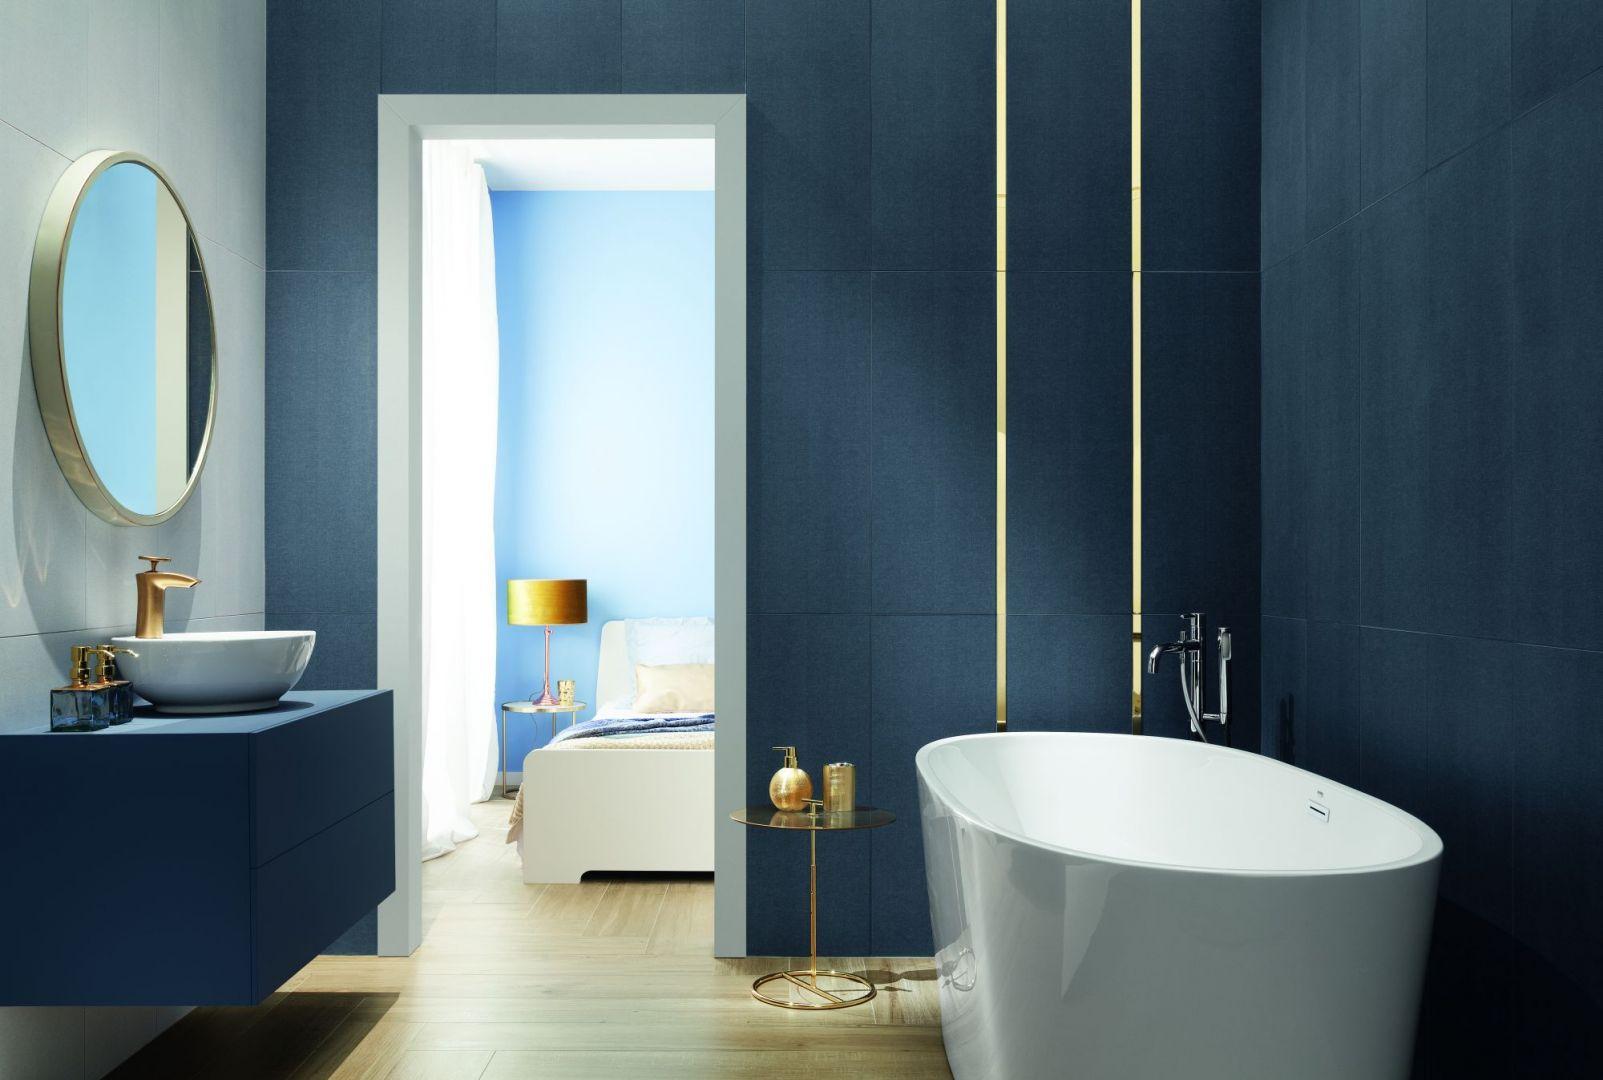 Nowoczesna łazienka - elementy w kolorze złota - kolekcja House of tones navy. Fot. Tubądzin